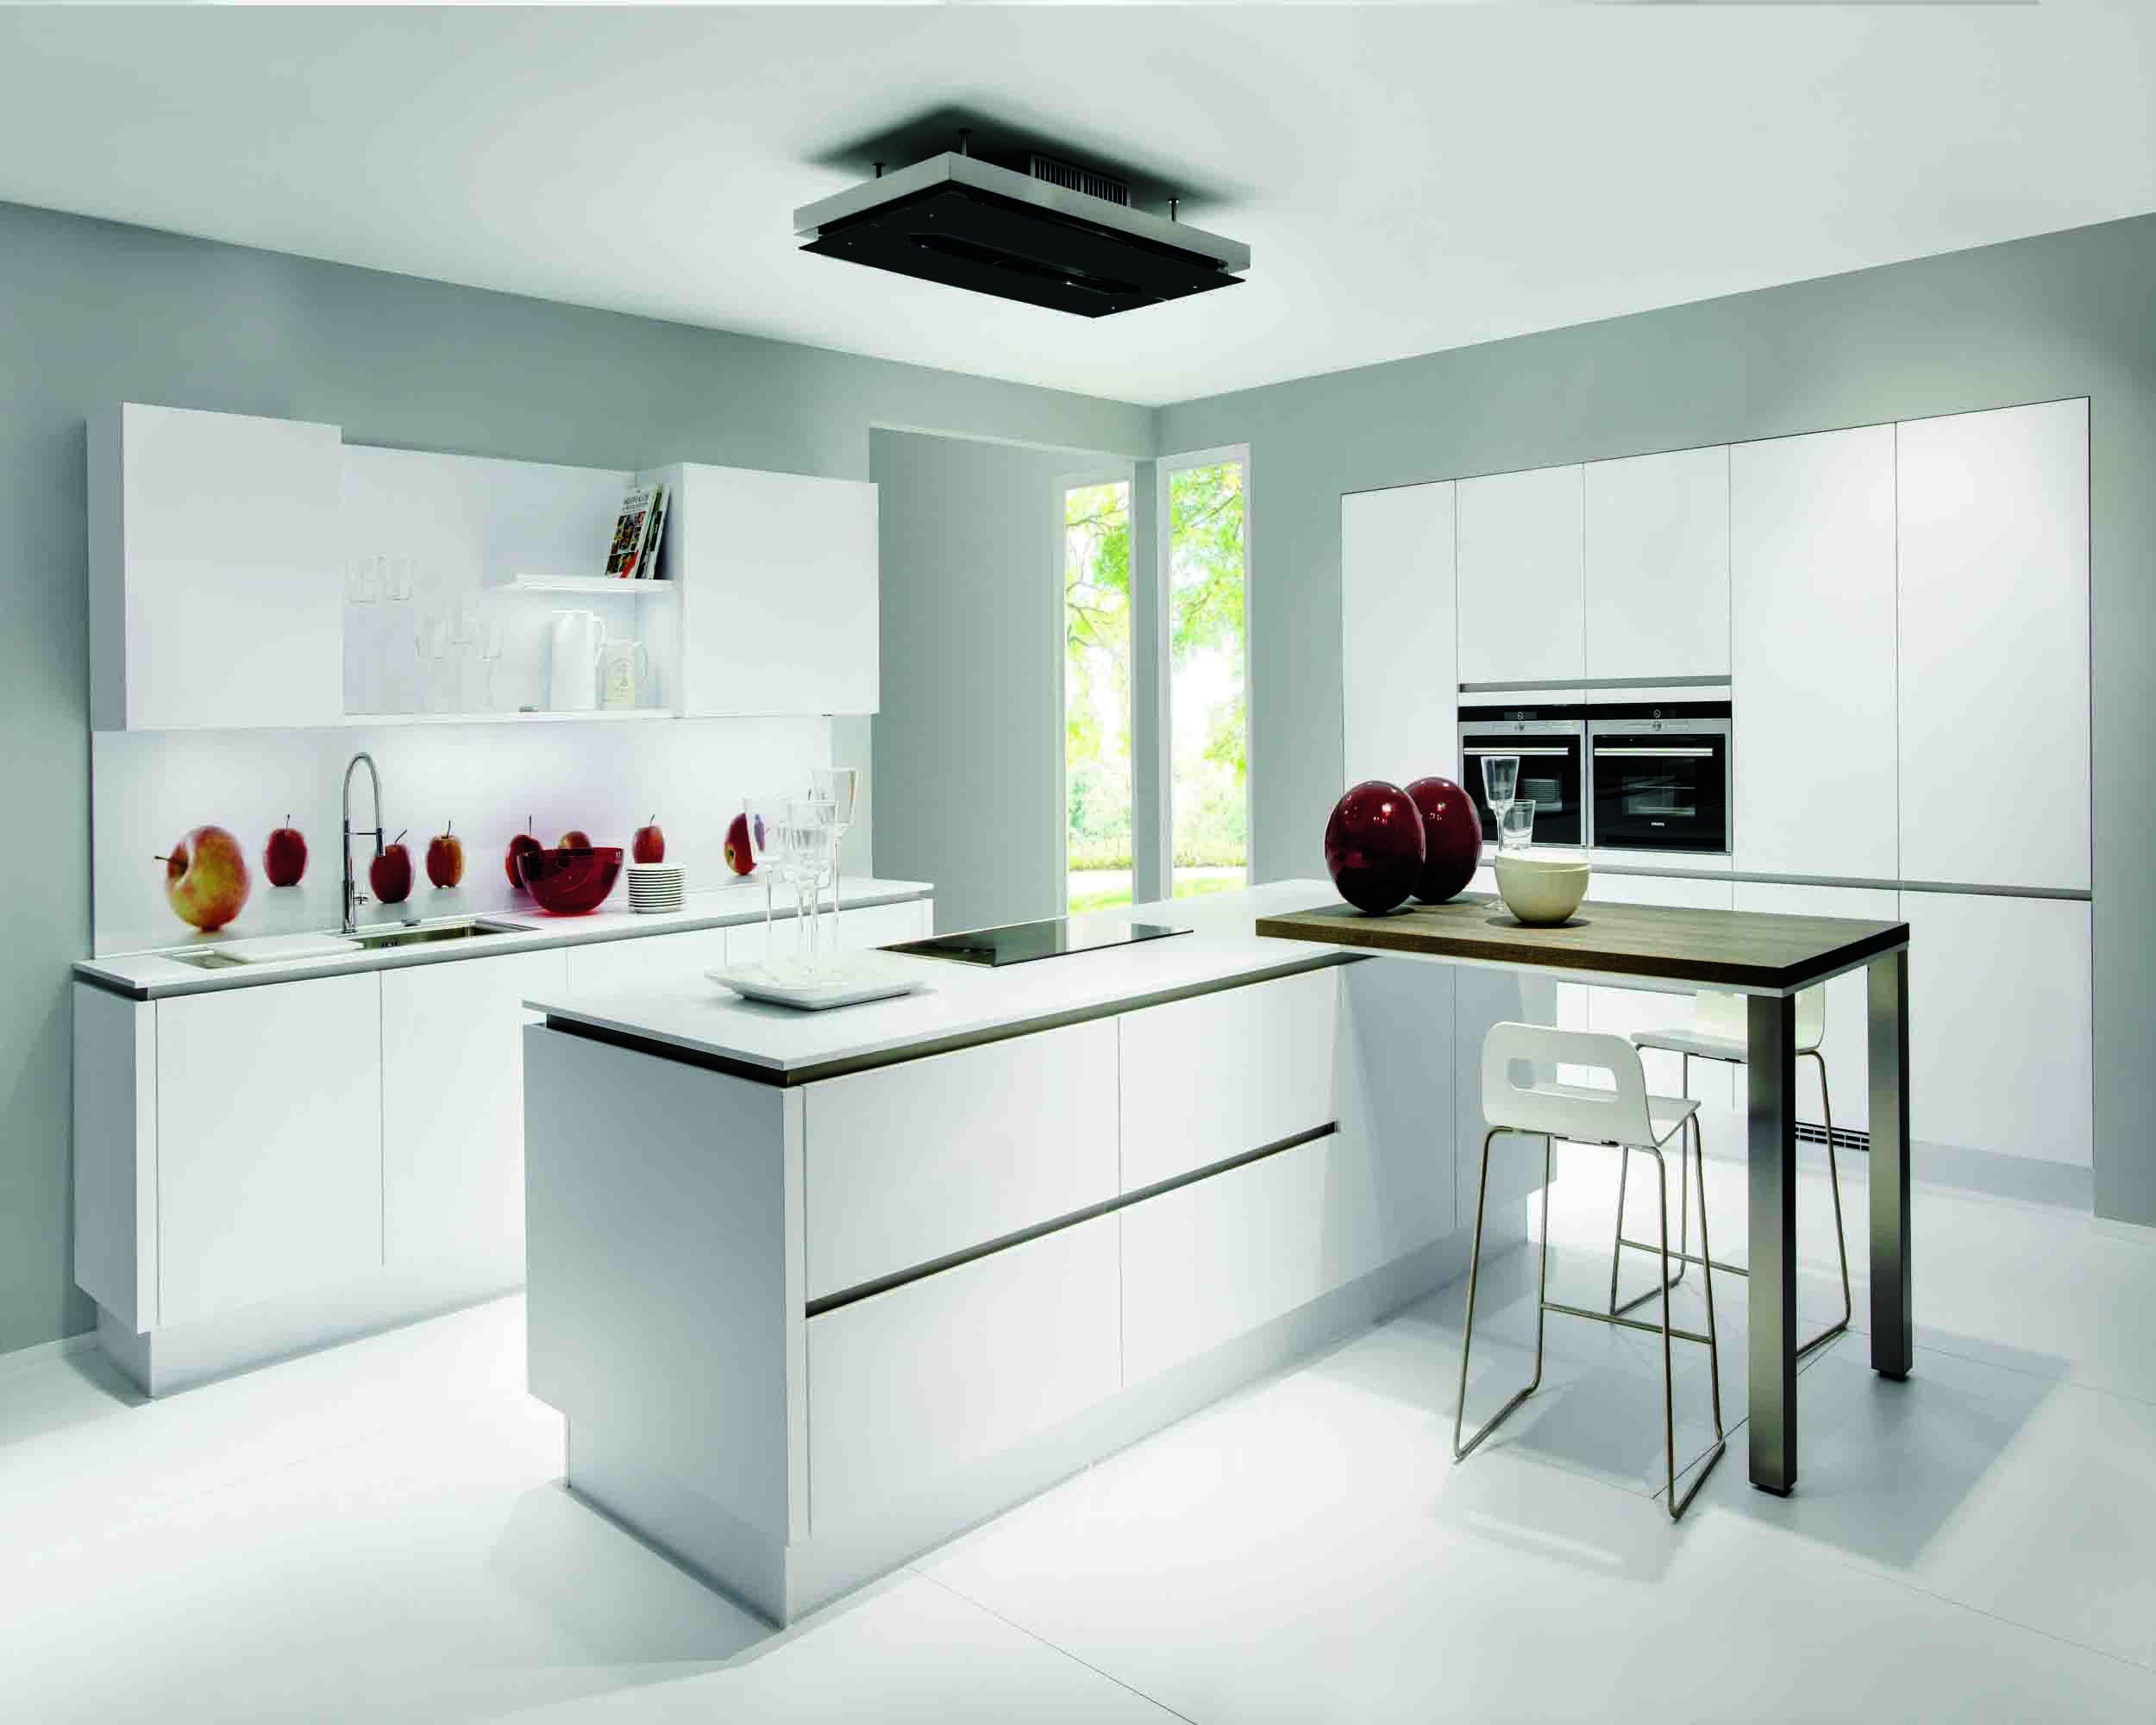 Best Design Home Design of Modular Kitchen Ideas 2015: Best design ...